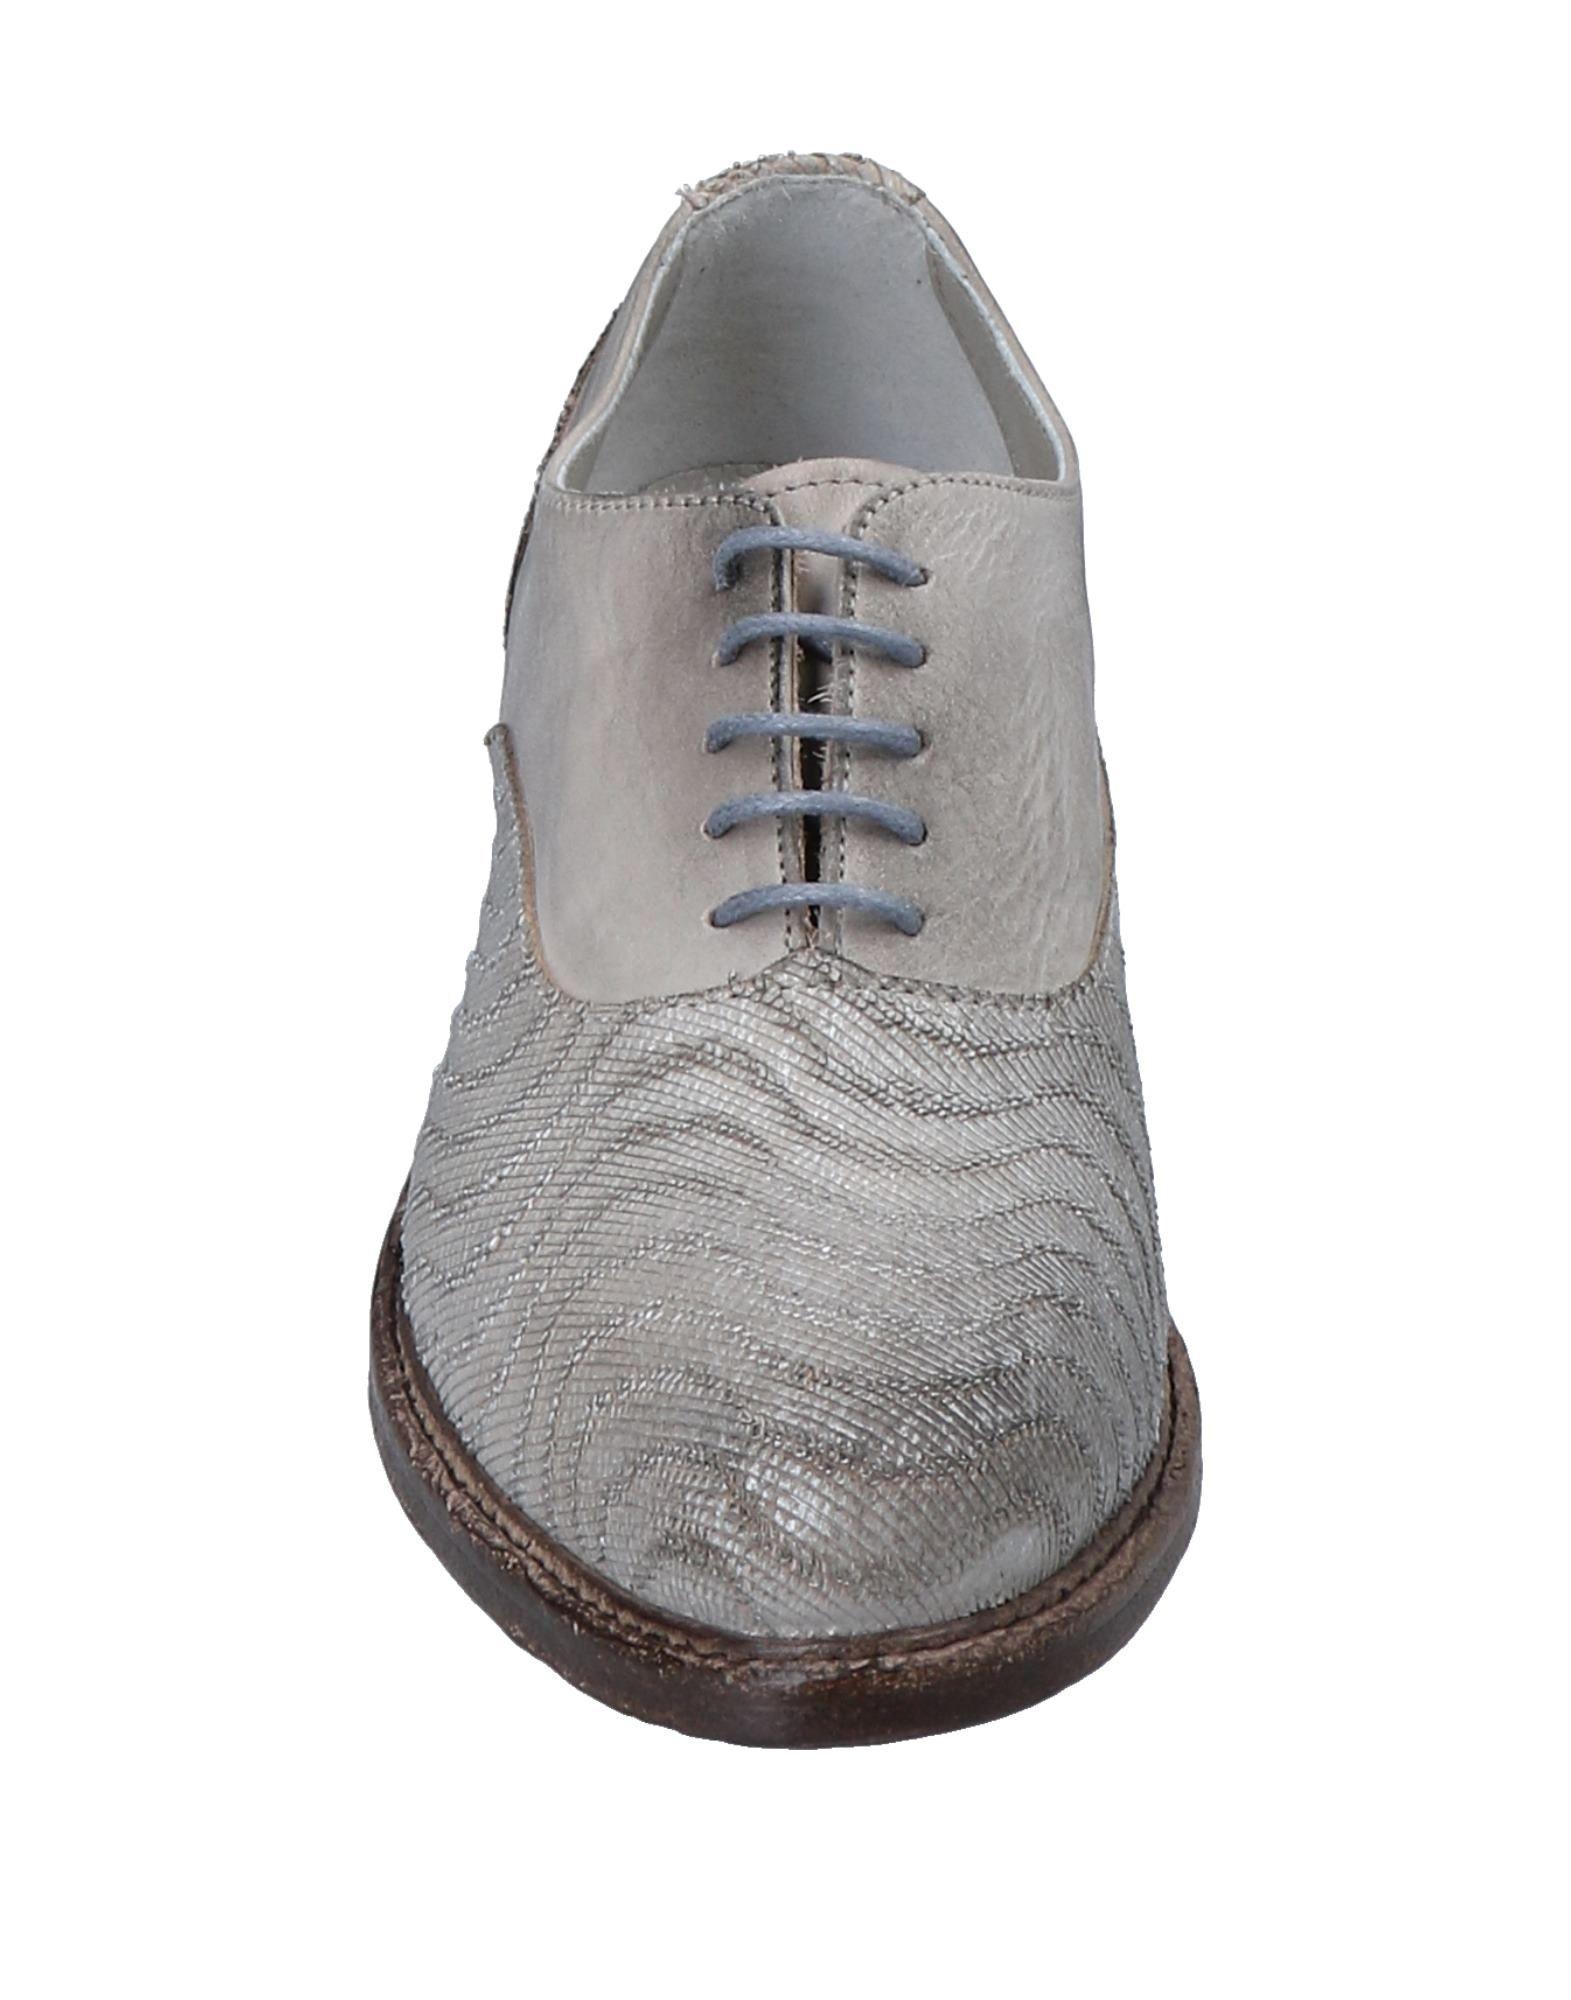 Gut Gut Gut um billige Schuhe zu tragenMarechiaro 1962 Schnürschuhe Damen  11547799FW 82719d